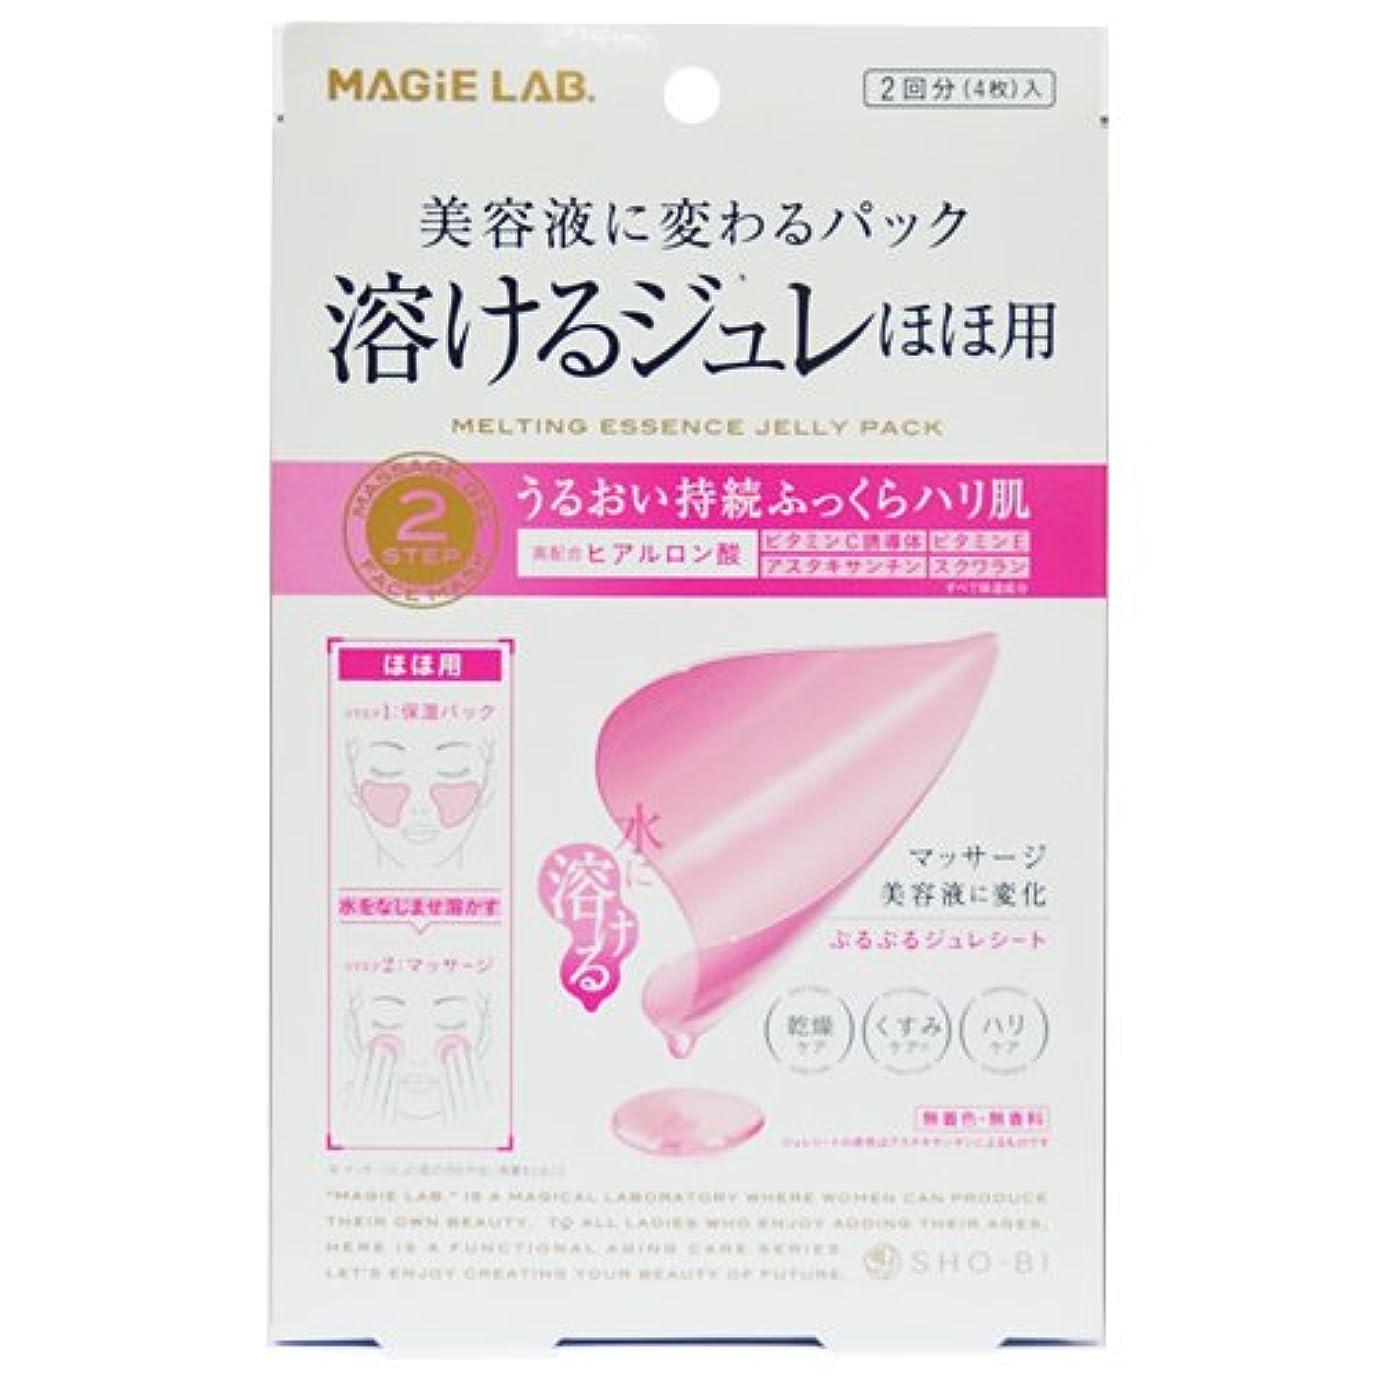 サンダル相関する怒るSHO-BI MAGiE LAB.(マジラボ) 溶けるジュレほほ用 2回分(4枚)入 MG22102